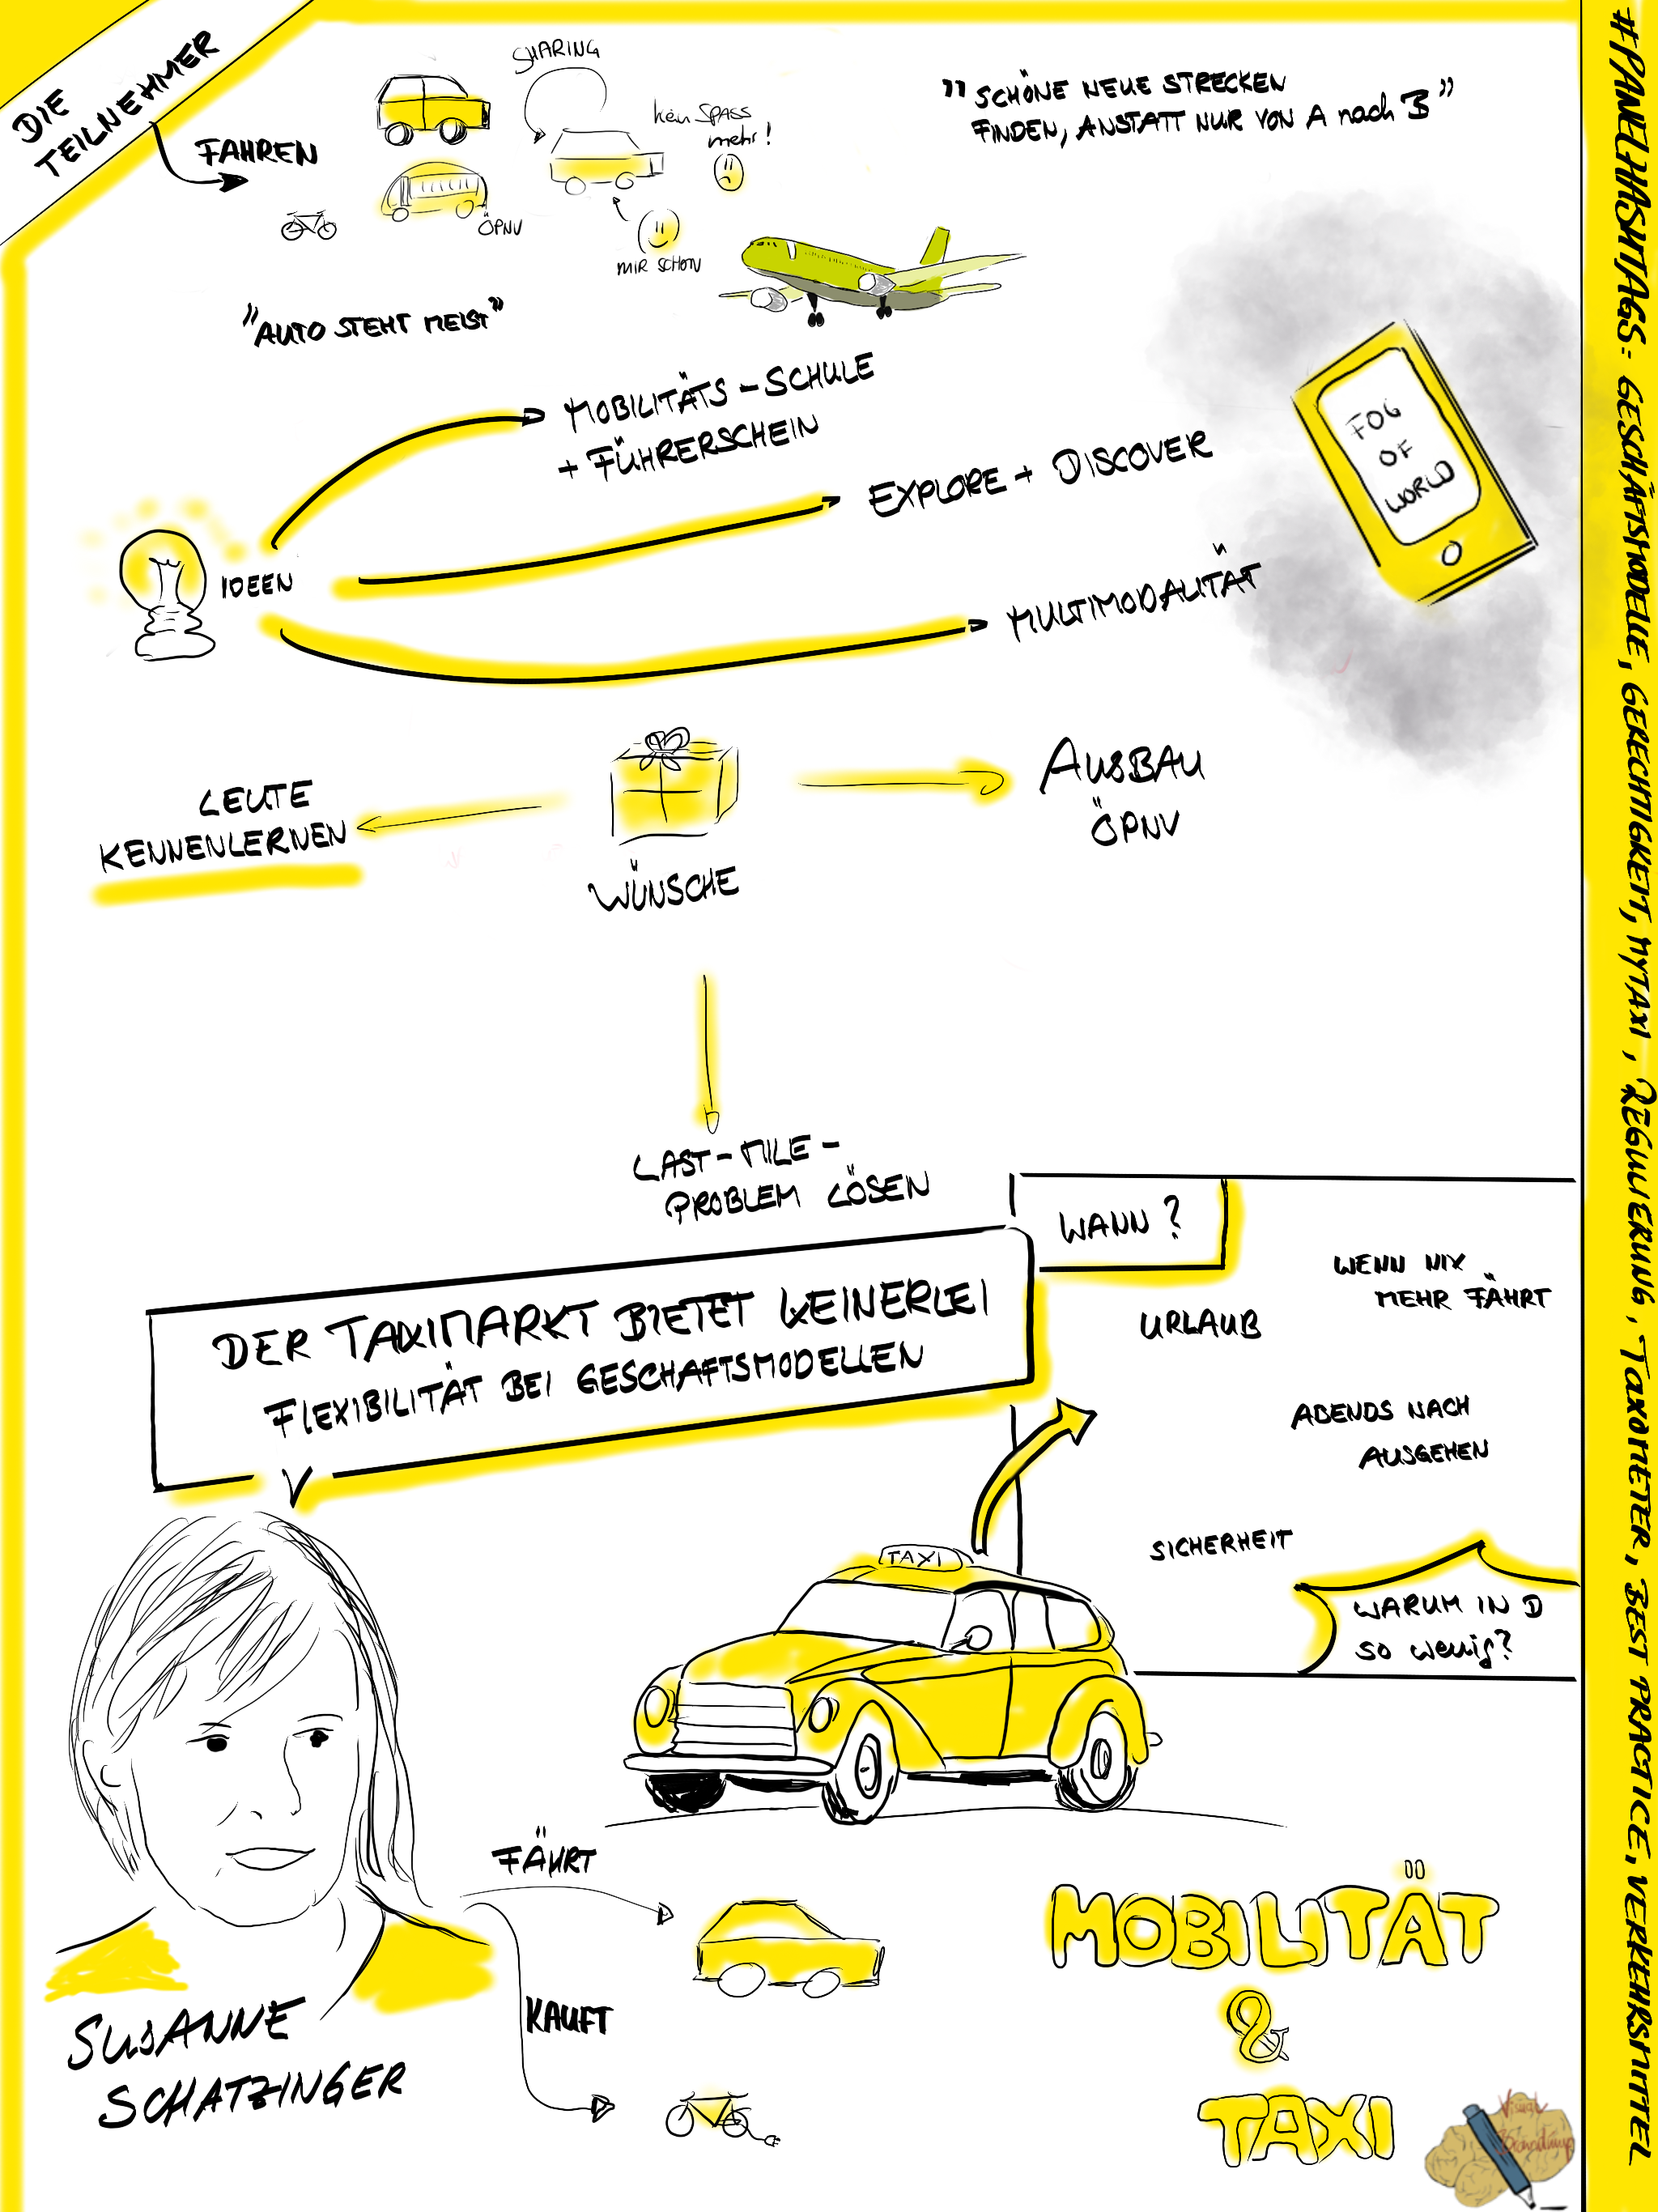 #UET2017: Das Steckenpferd von Susanne Schatzinger von Fraunhofer IAO und FutureCitiesBW ist die nachhaltige Mobilität. Ihre Frage an die Panelteilnehmer: Wie bewegen wir uns nachhaltig in der Stadt von morgen?